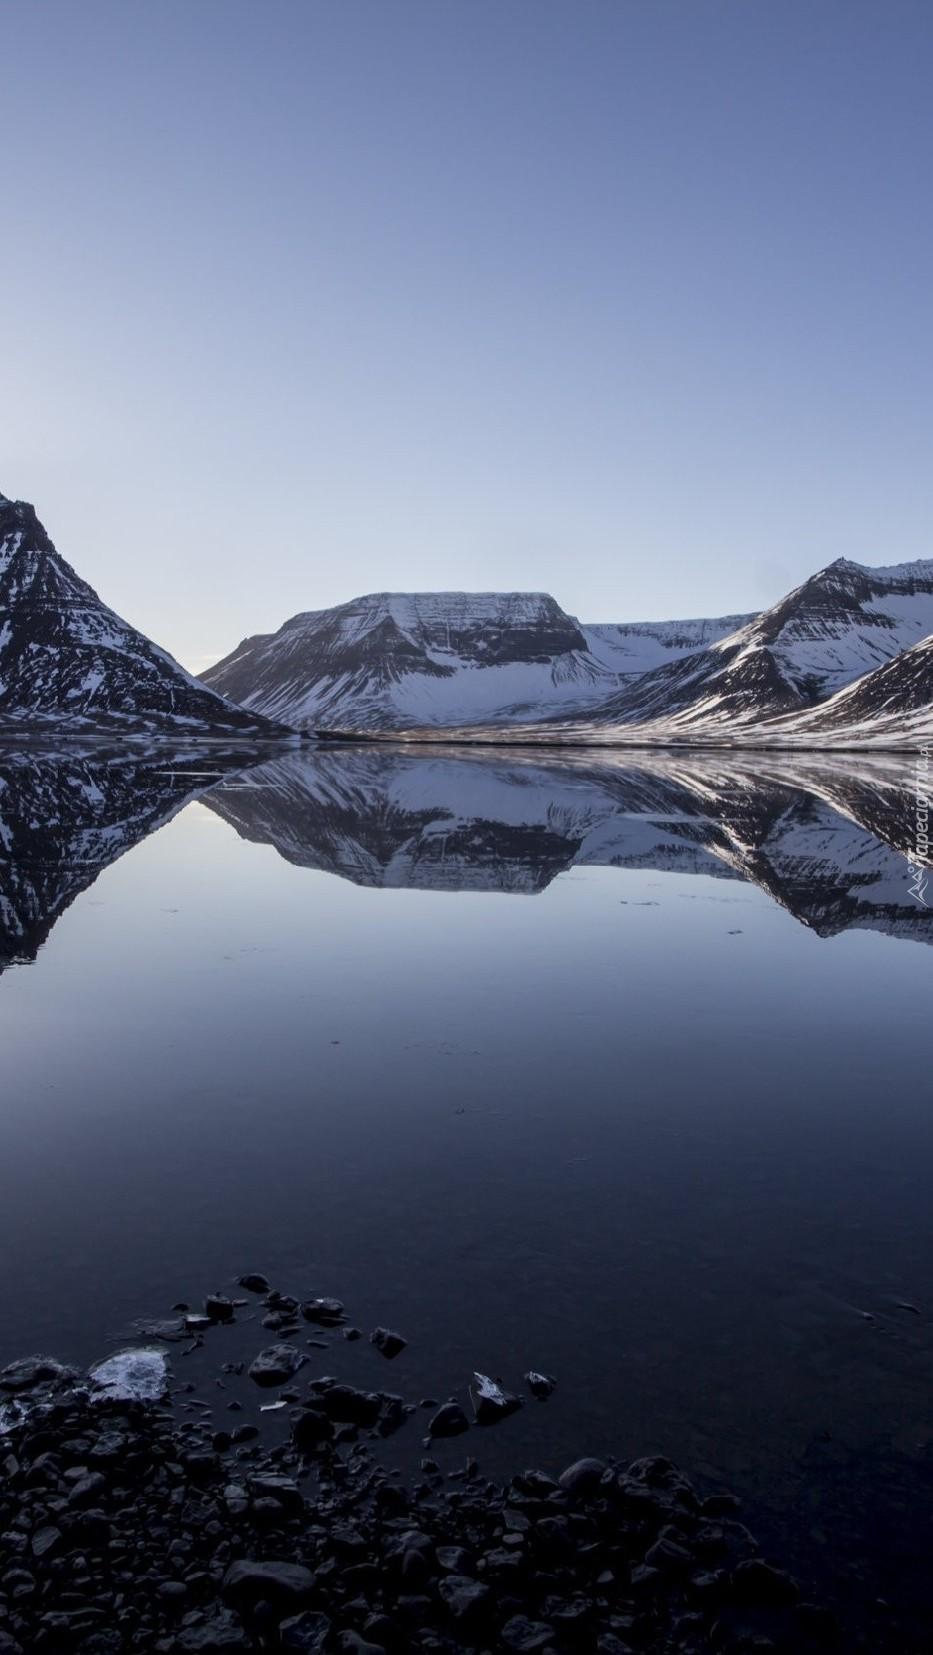 Góry w śniegu odbite w wodzie